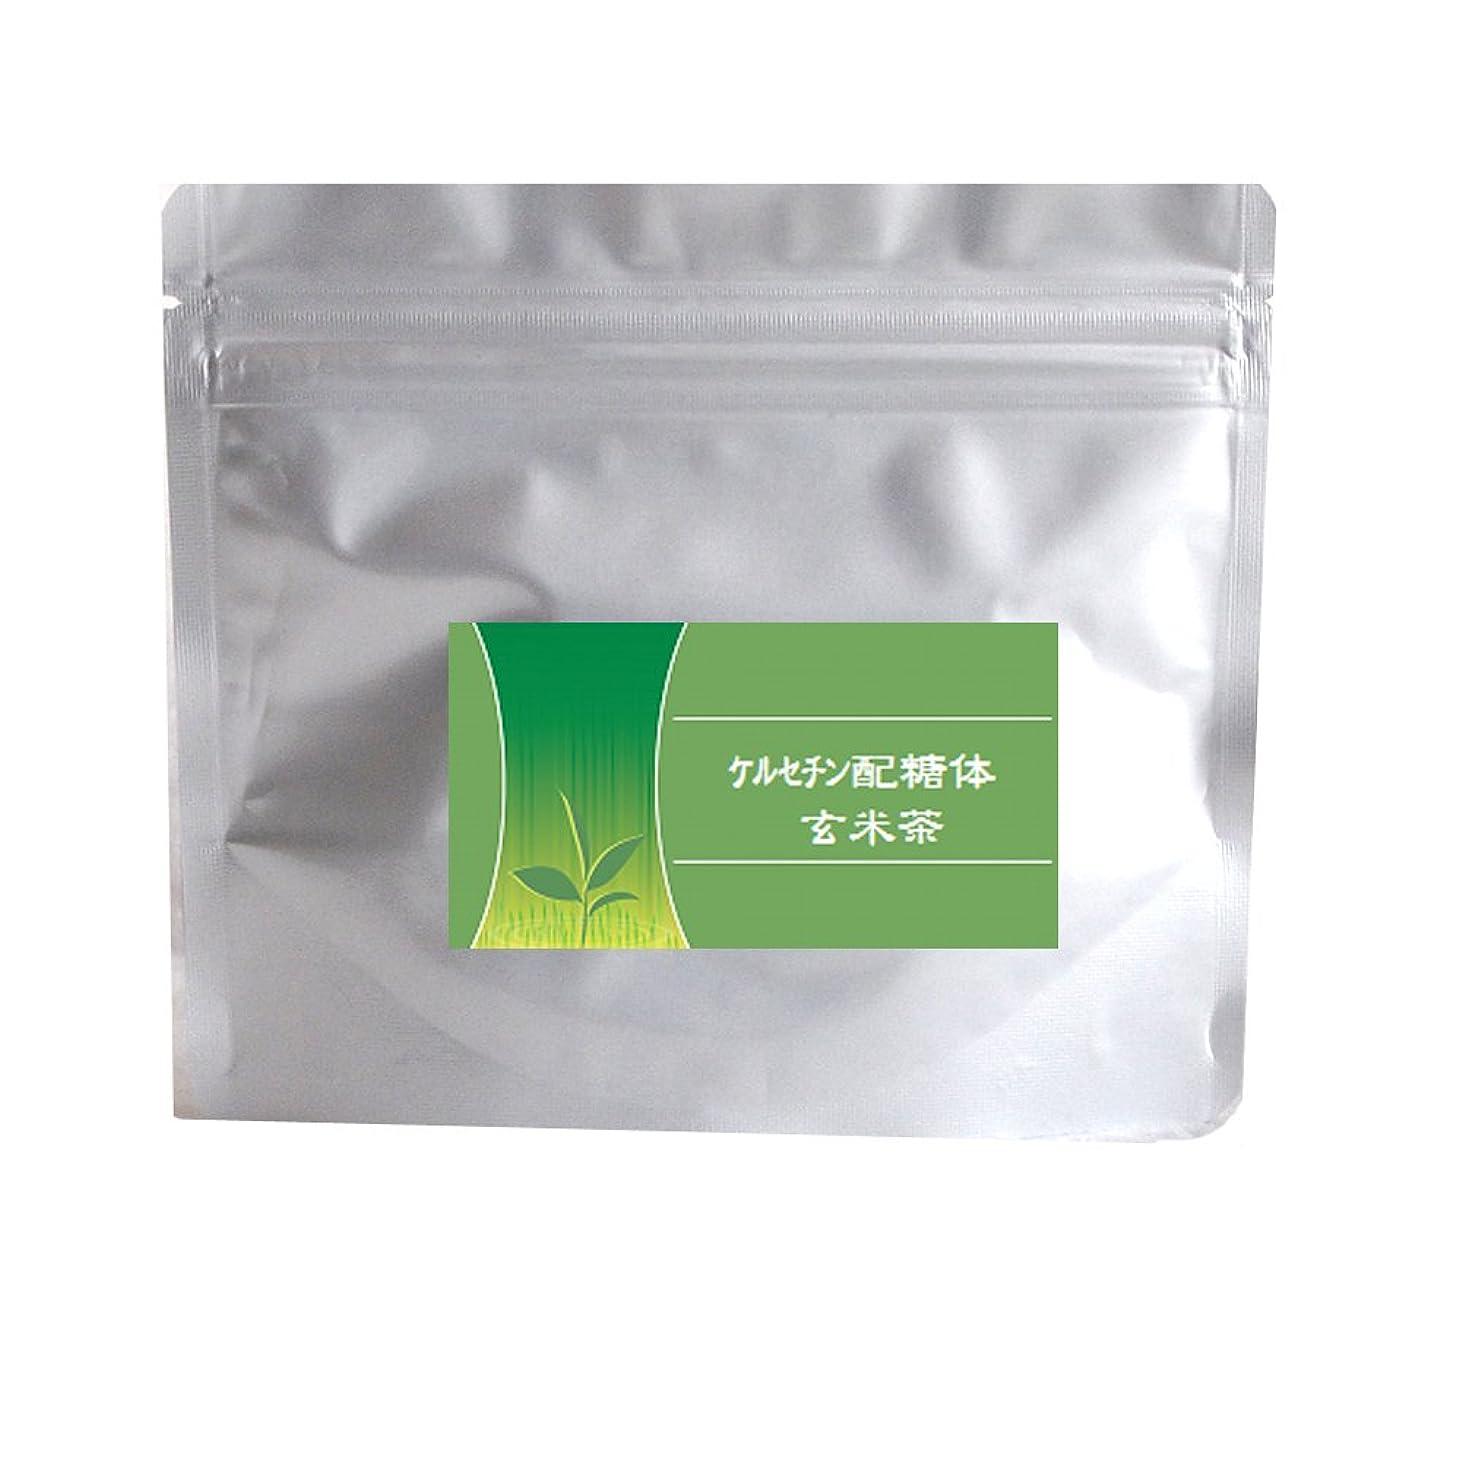 遺体安置所ペン平らにするケルセチン配糖体ドリンク 玄米茶60g(e) ケルセチン配糖体 お茶 粉末茶 ダイエット茶